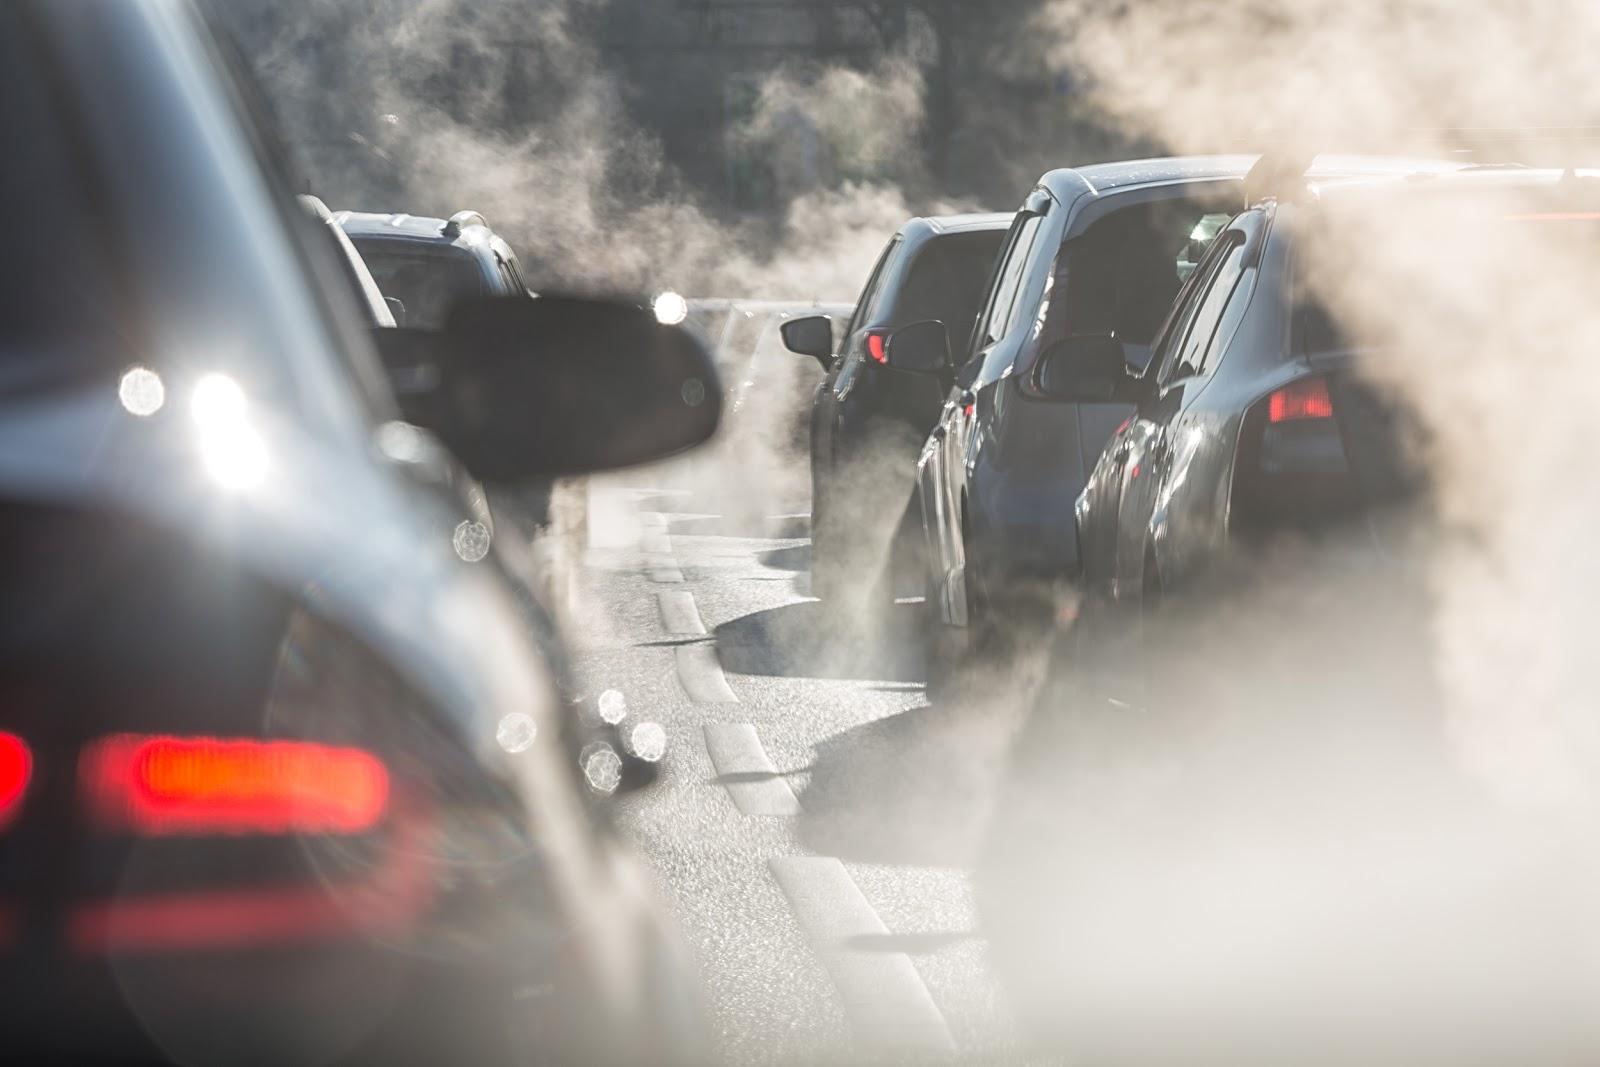 Carros liberando fumaça causadora de poluição